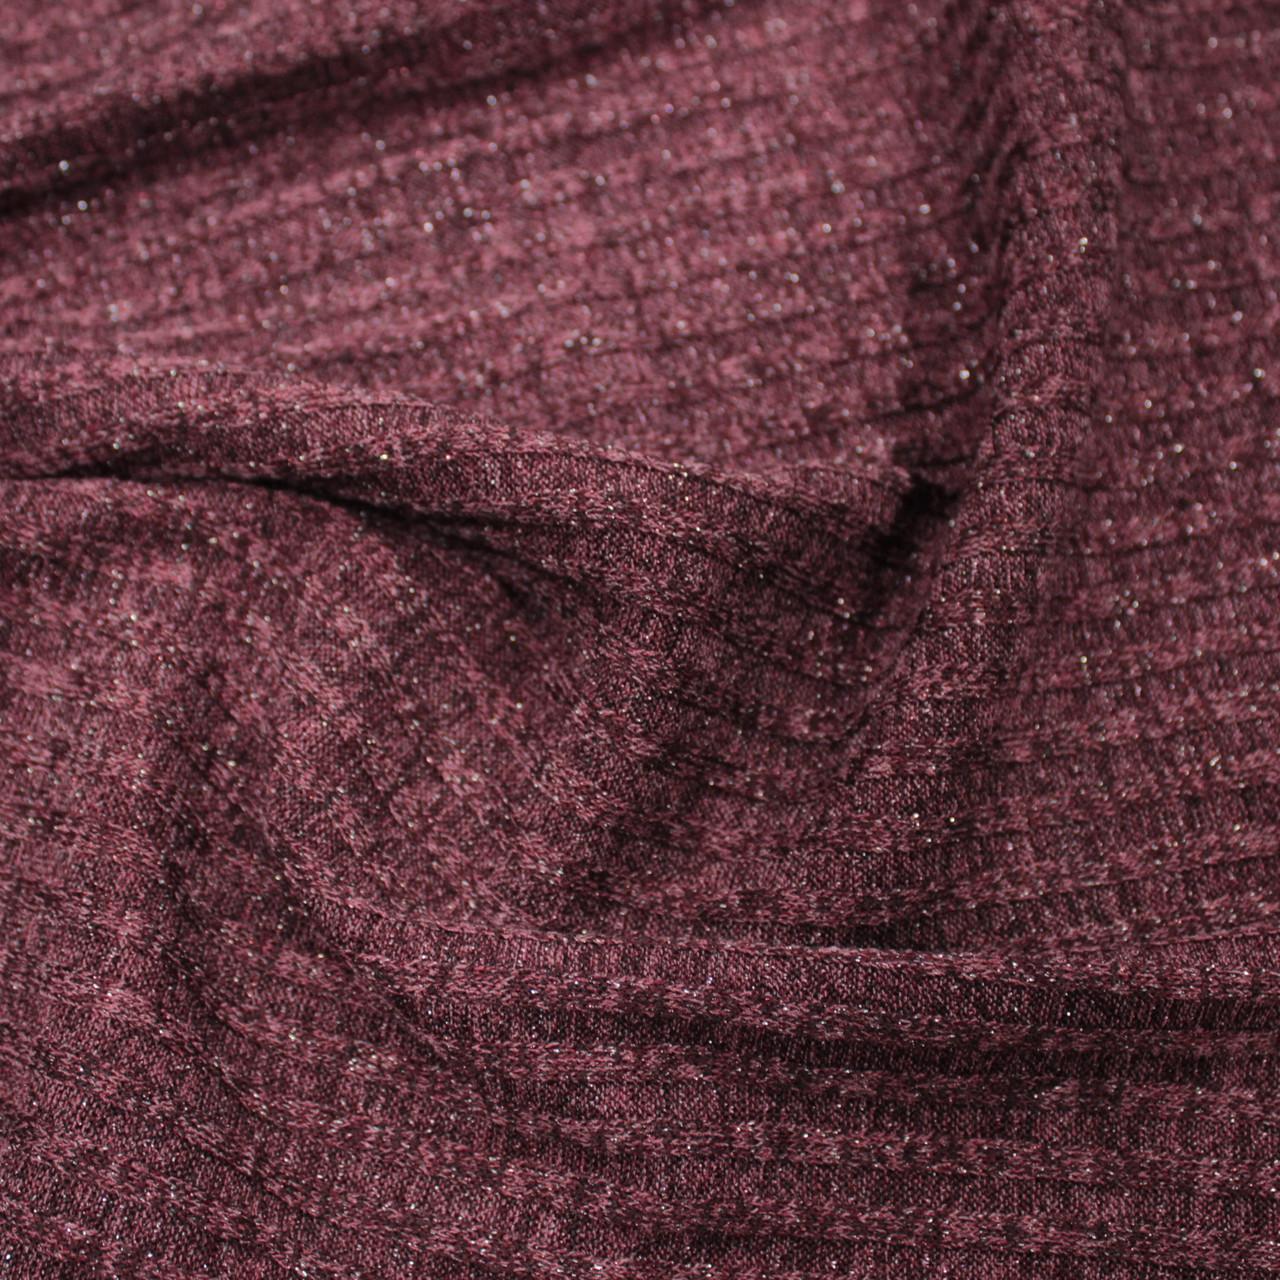 55d4bb9f42e9 Трикотаж ангора полоска люрекс бордовая - Tkani-Color магазин тканей опт и  розница Украина в